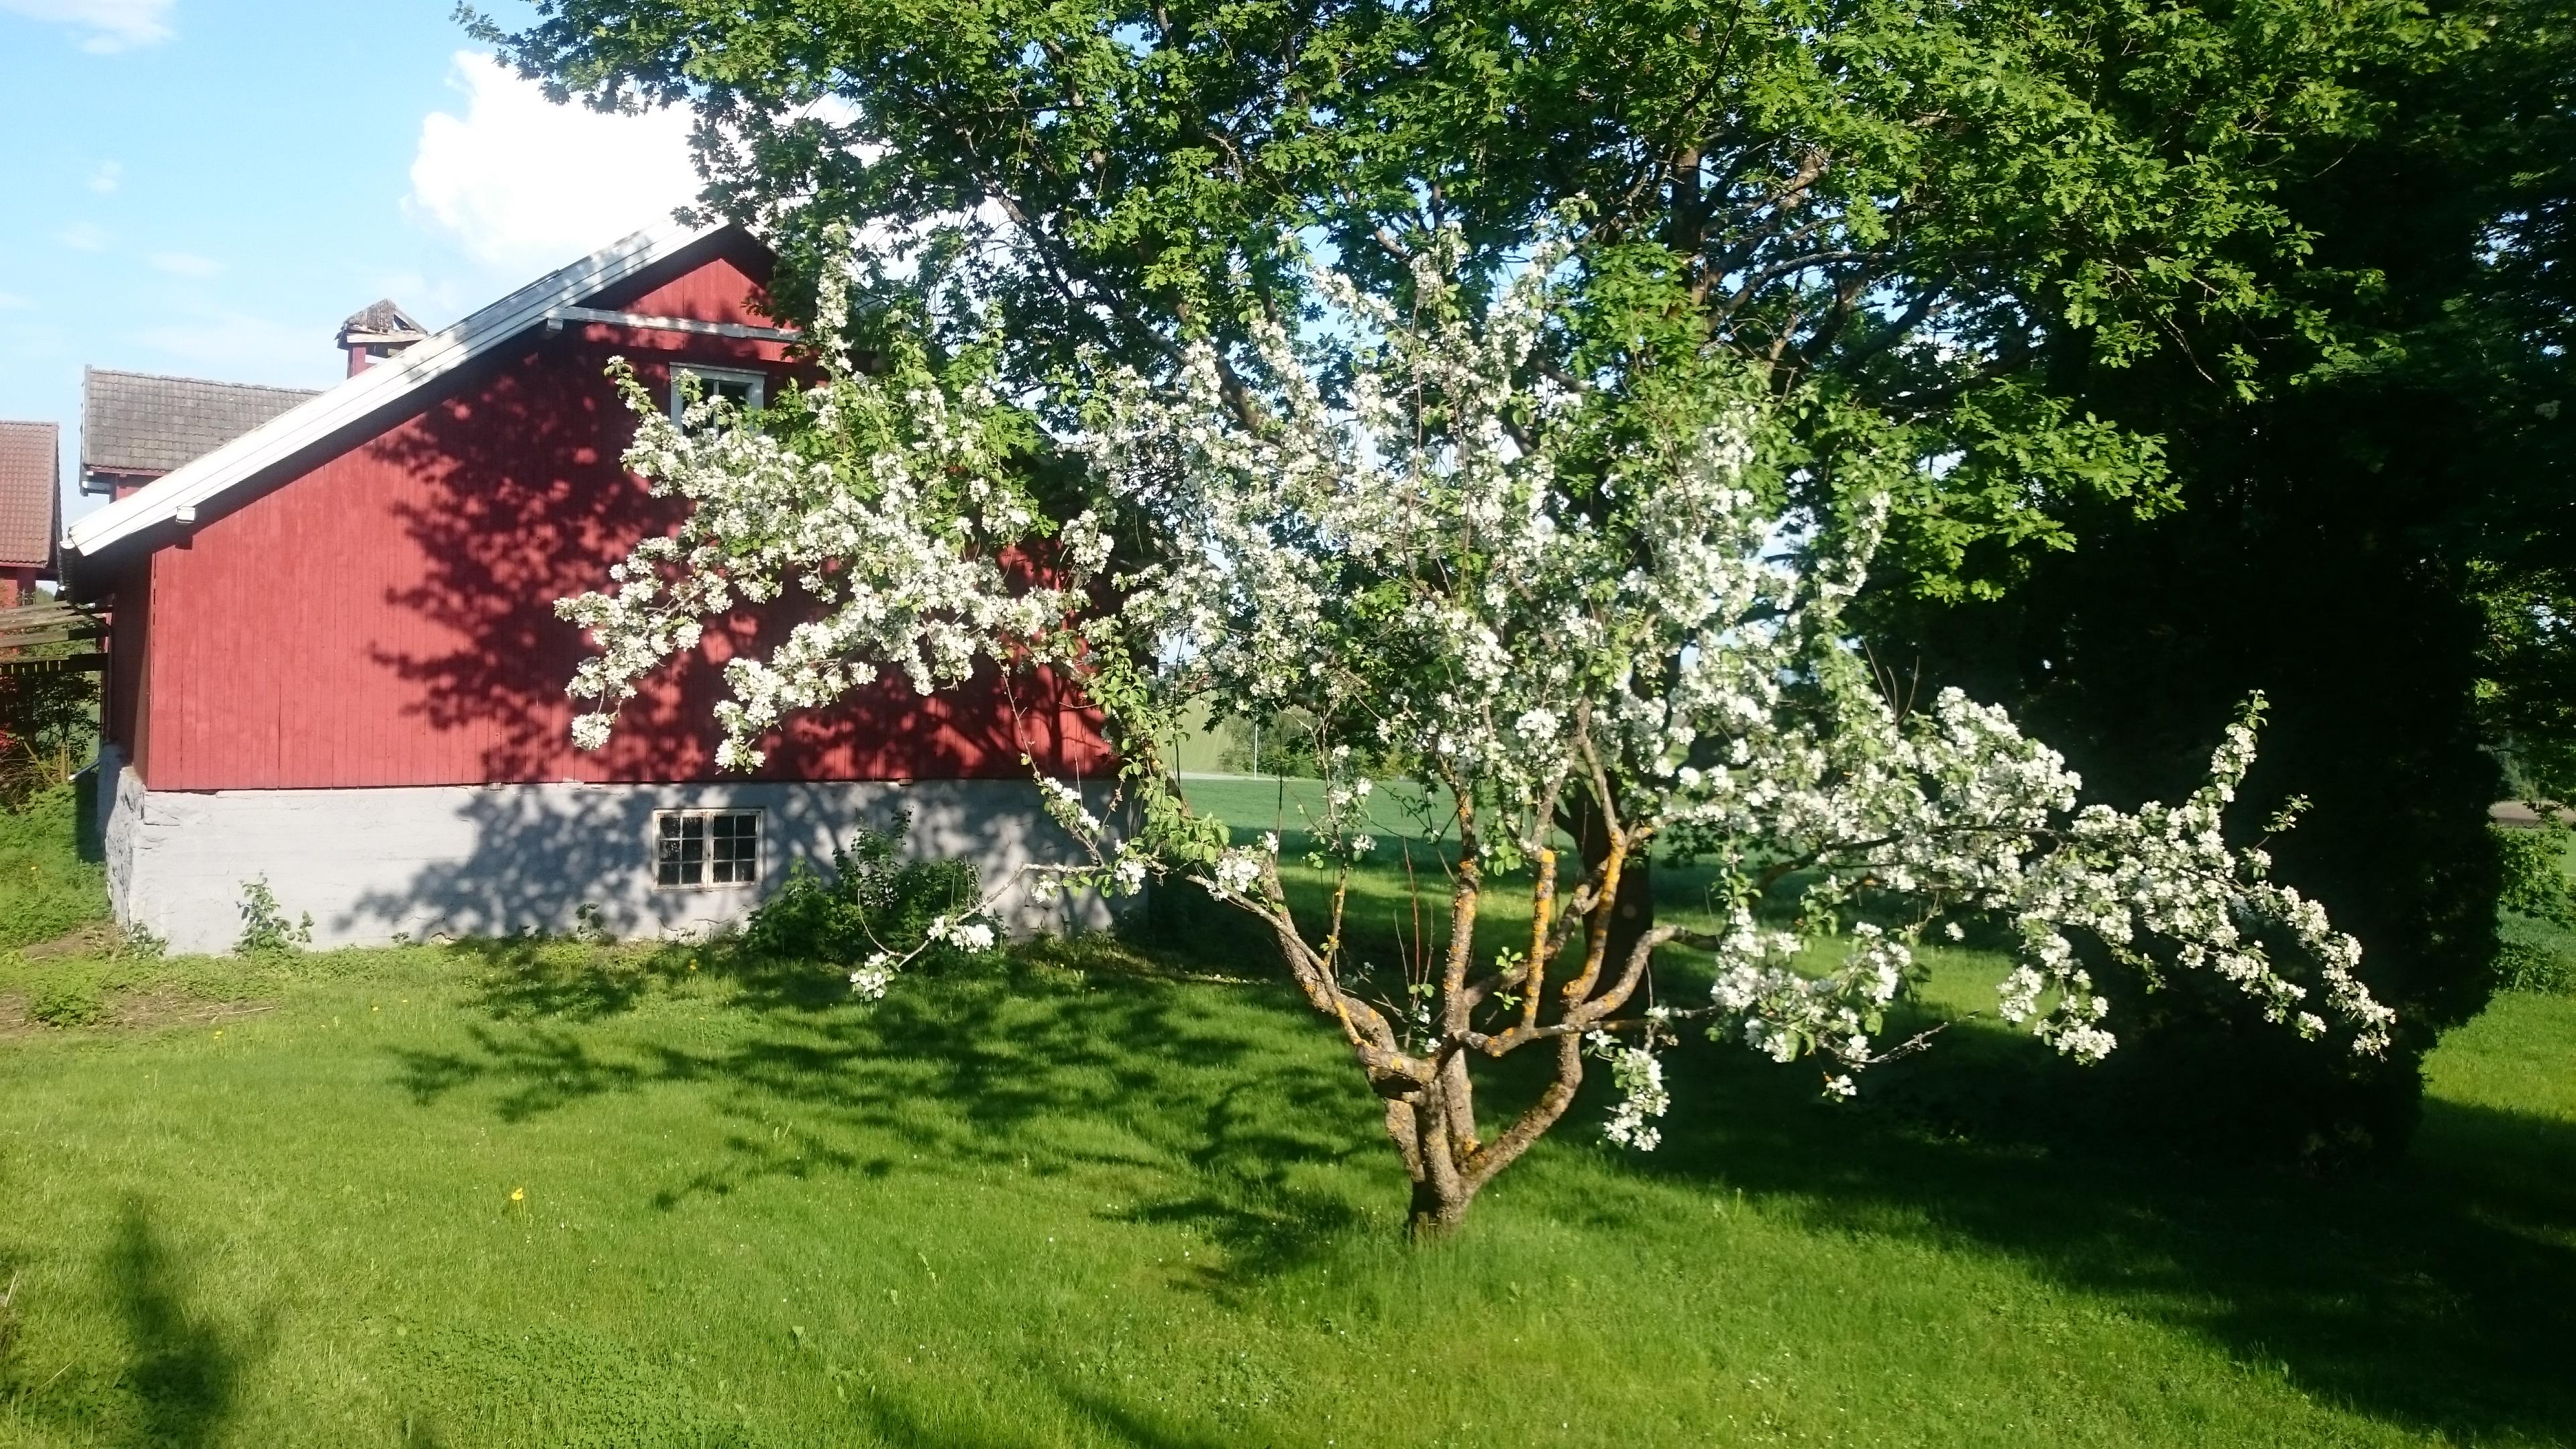 Arbre en fleurs dans le jardin de la maison à Hamar